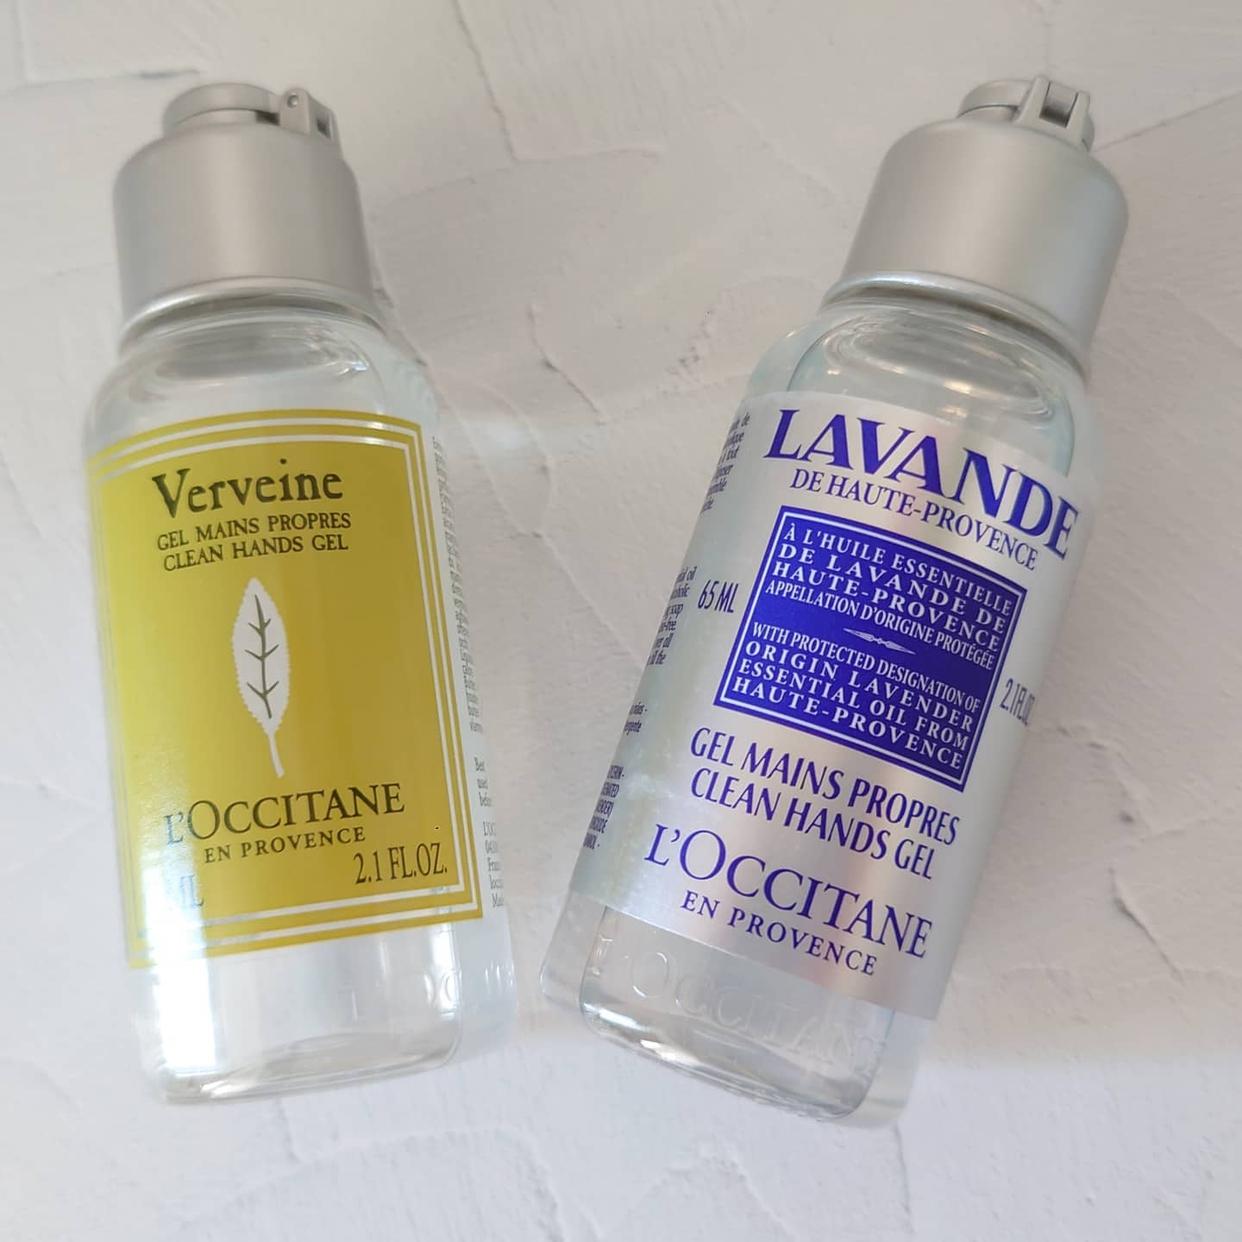 L'OCCITANE(ロクシタン)ヴァーベナ クリーンハンドジェルを使ったSallyさんのクチコミ画像